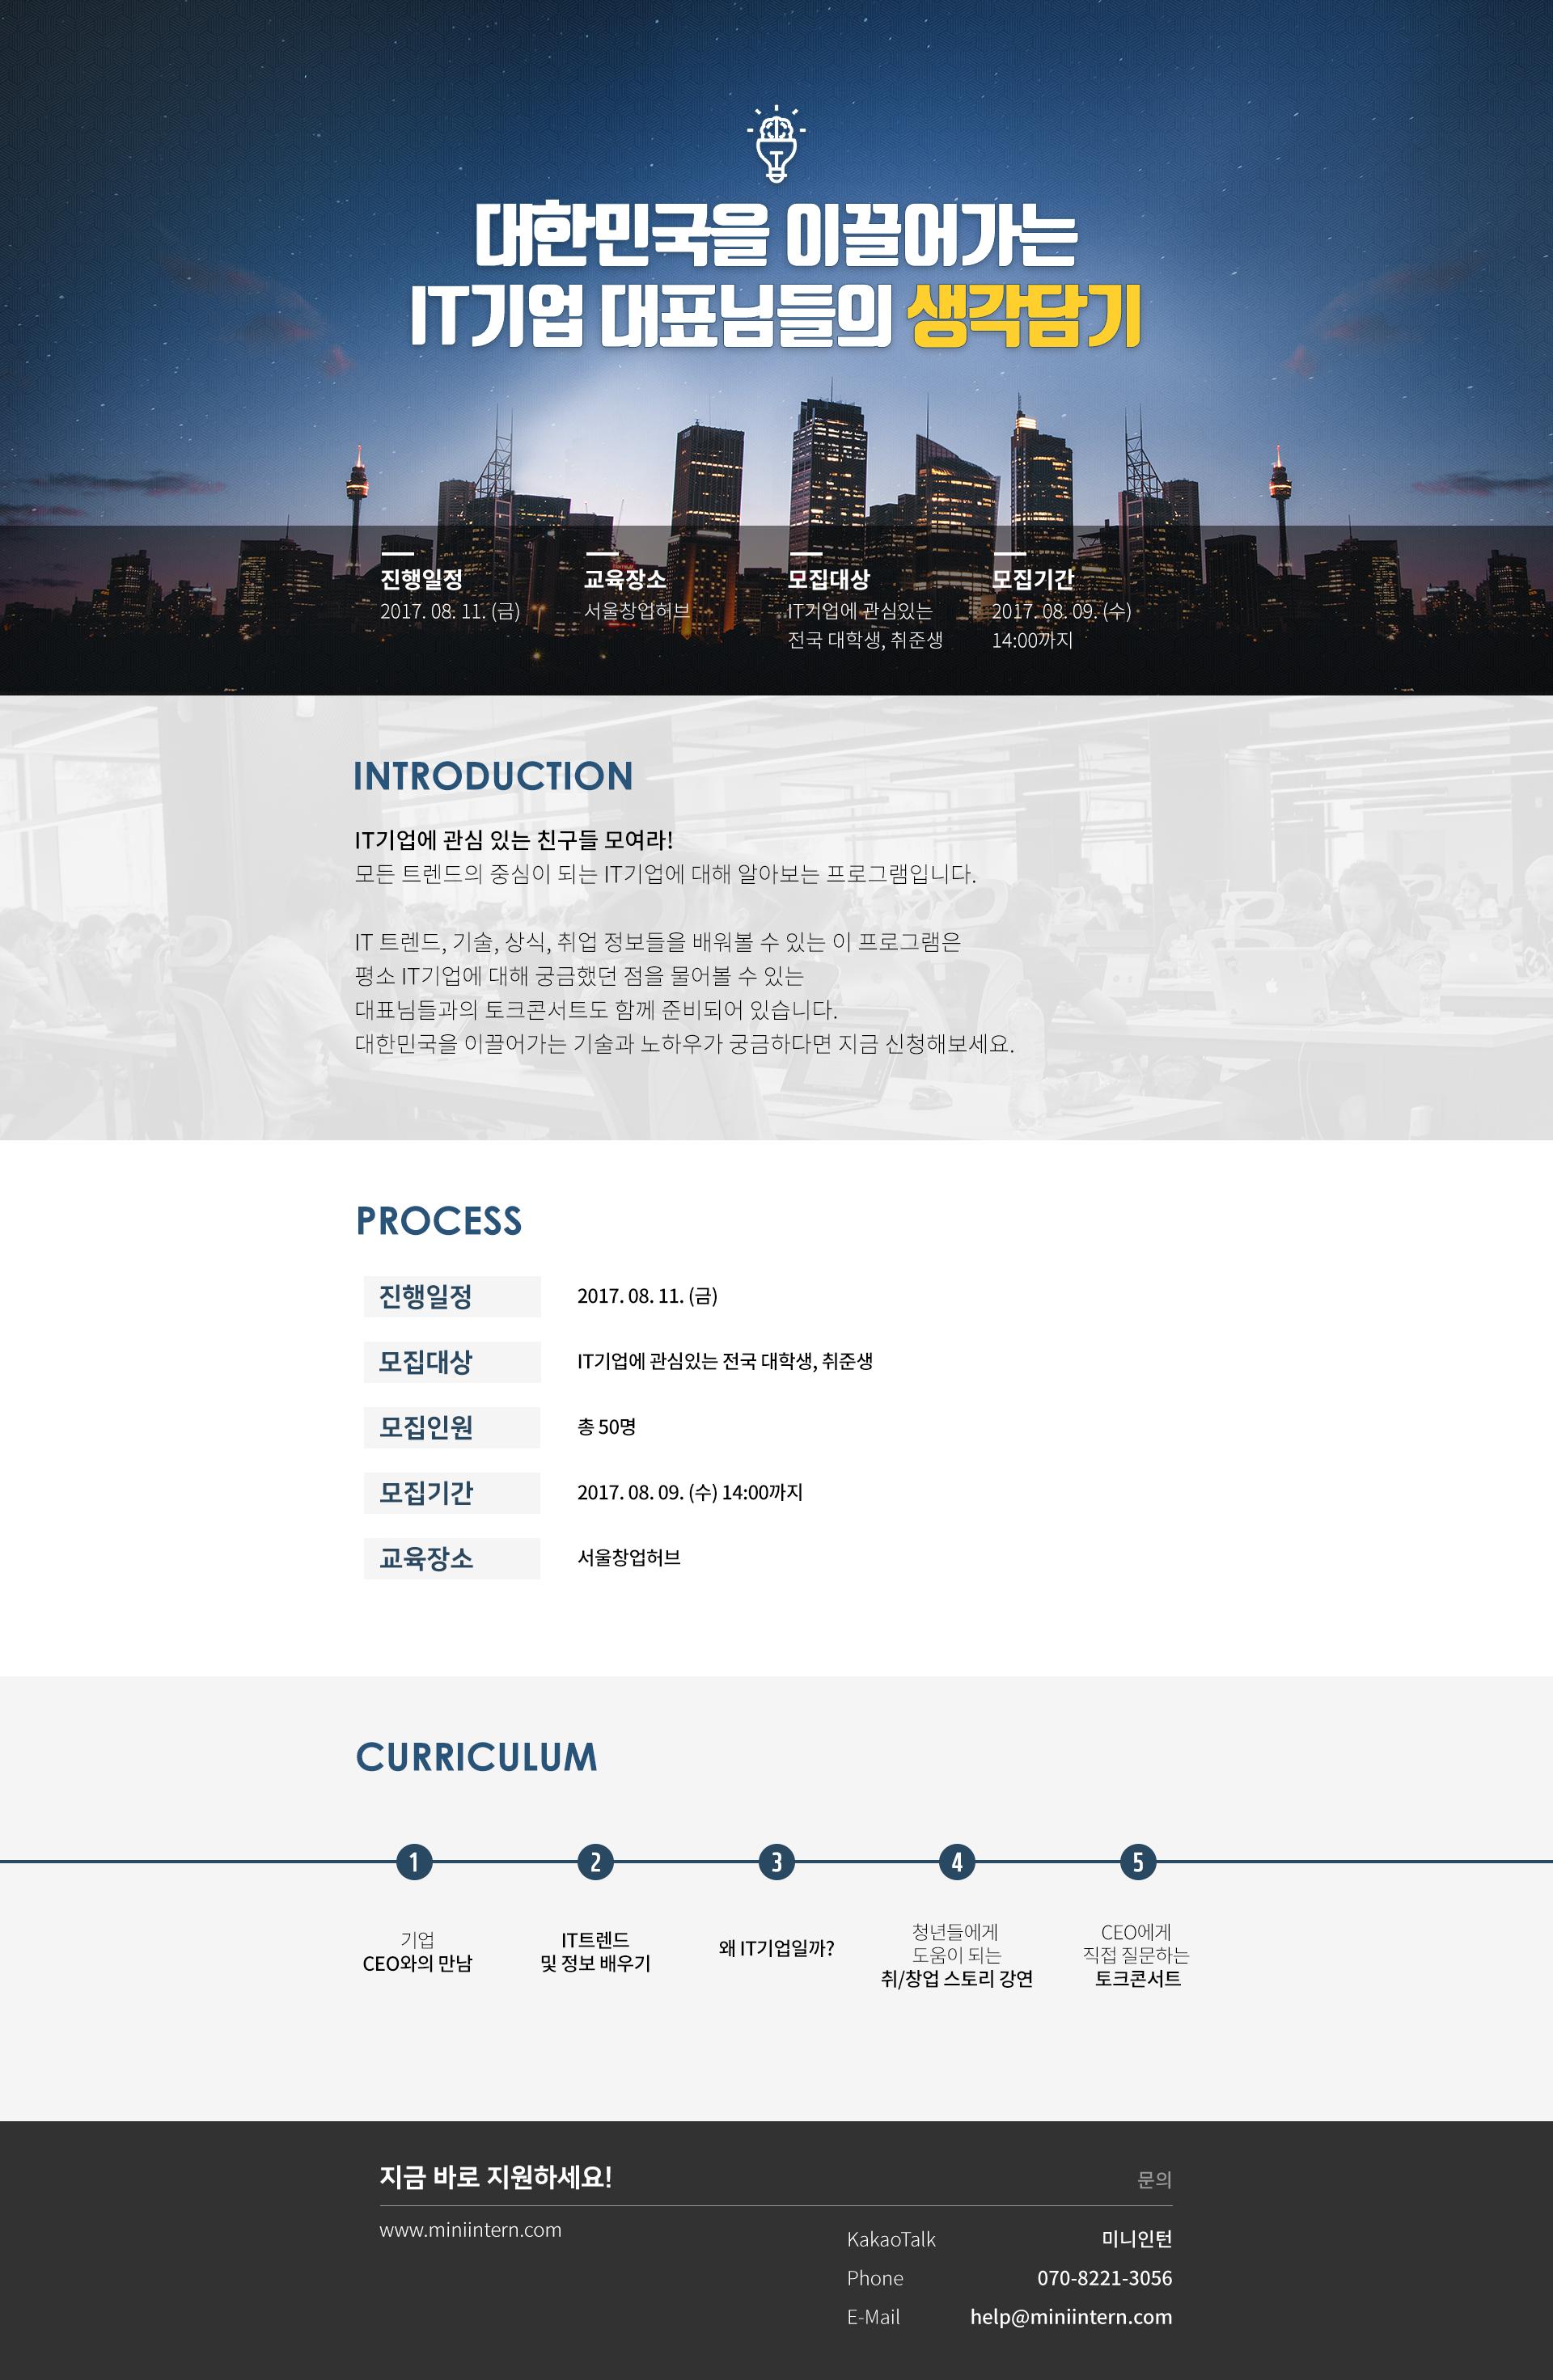 대한민국을 이끌어가는 IT기업 대표님들의 생각담기